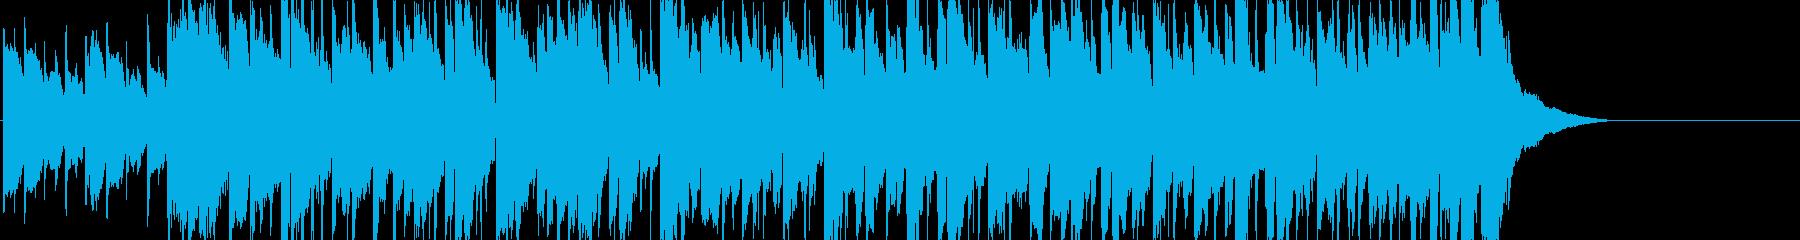 回想 思い出 ゆったり ティータイムの再生済みの波形